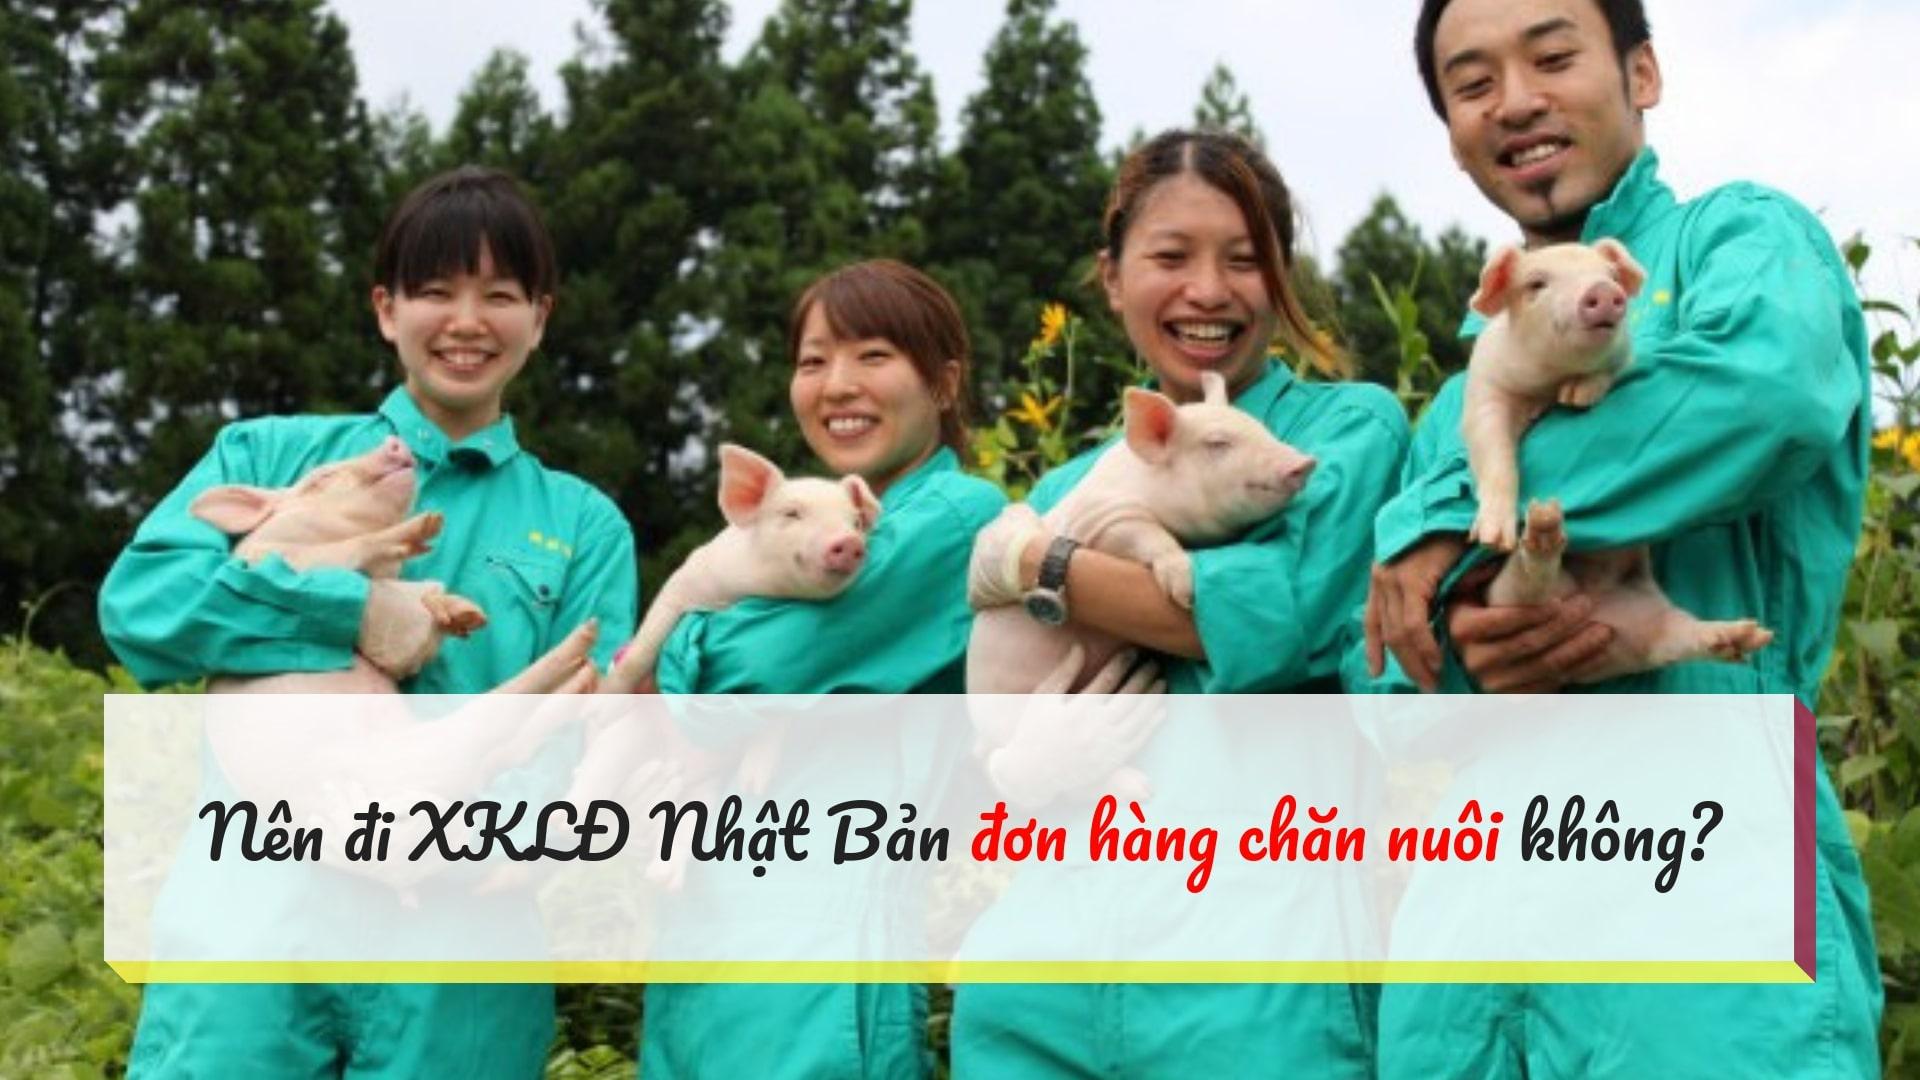 Nên đi XKLĐ Nhật đơn hàng chăn nuôi không? Công việc cụ thể là gì?